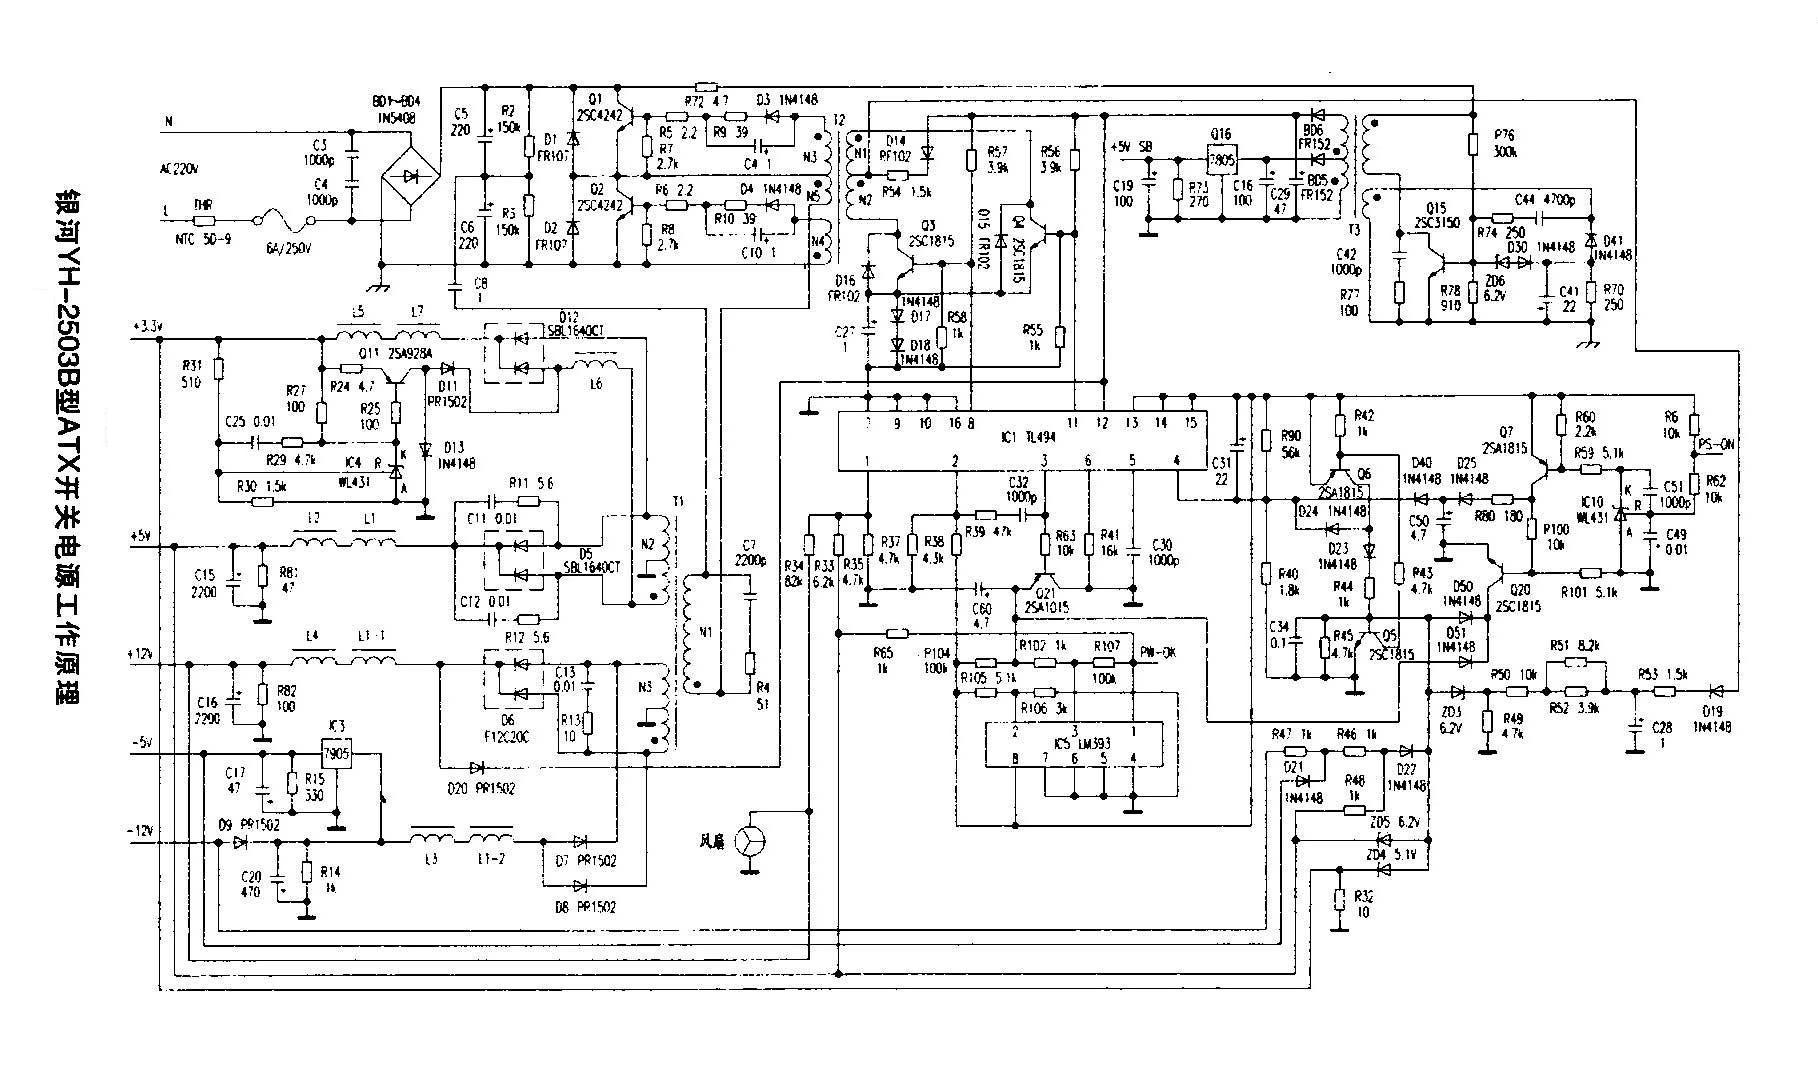 长城电脑电源电路图